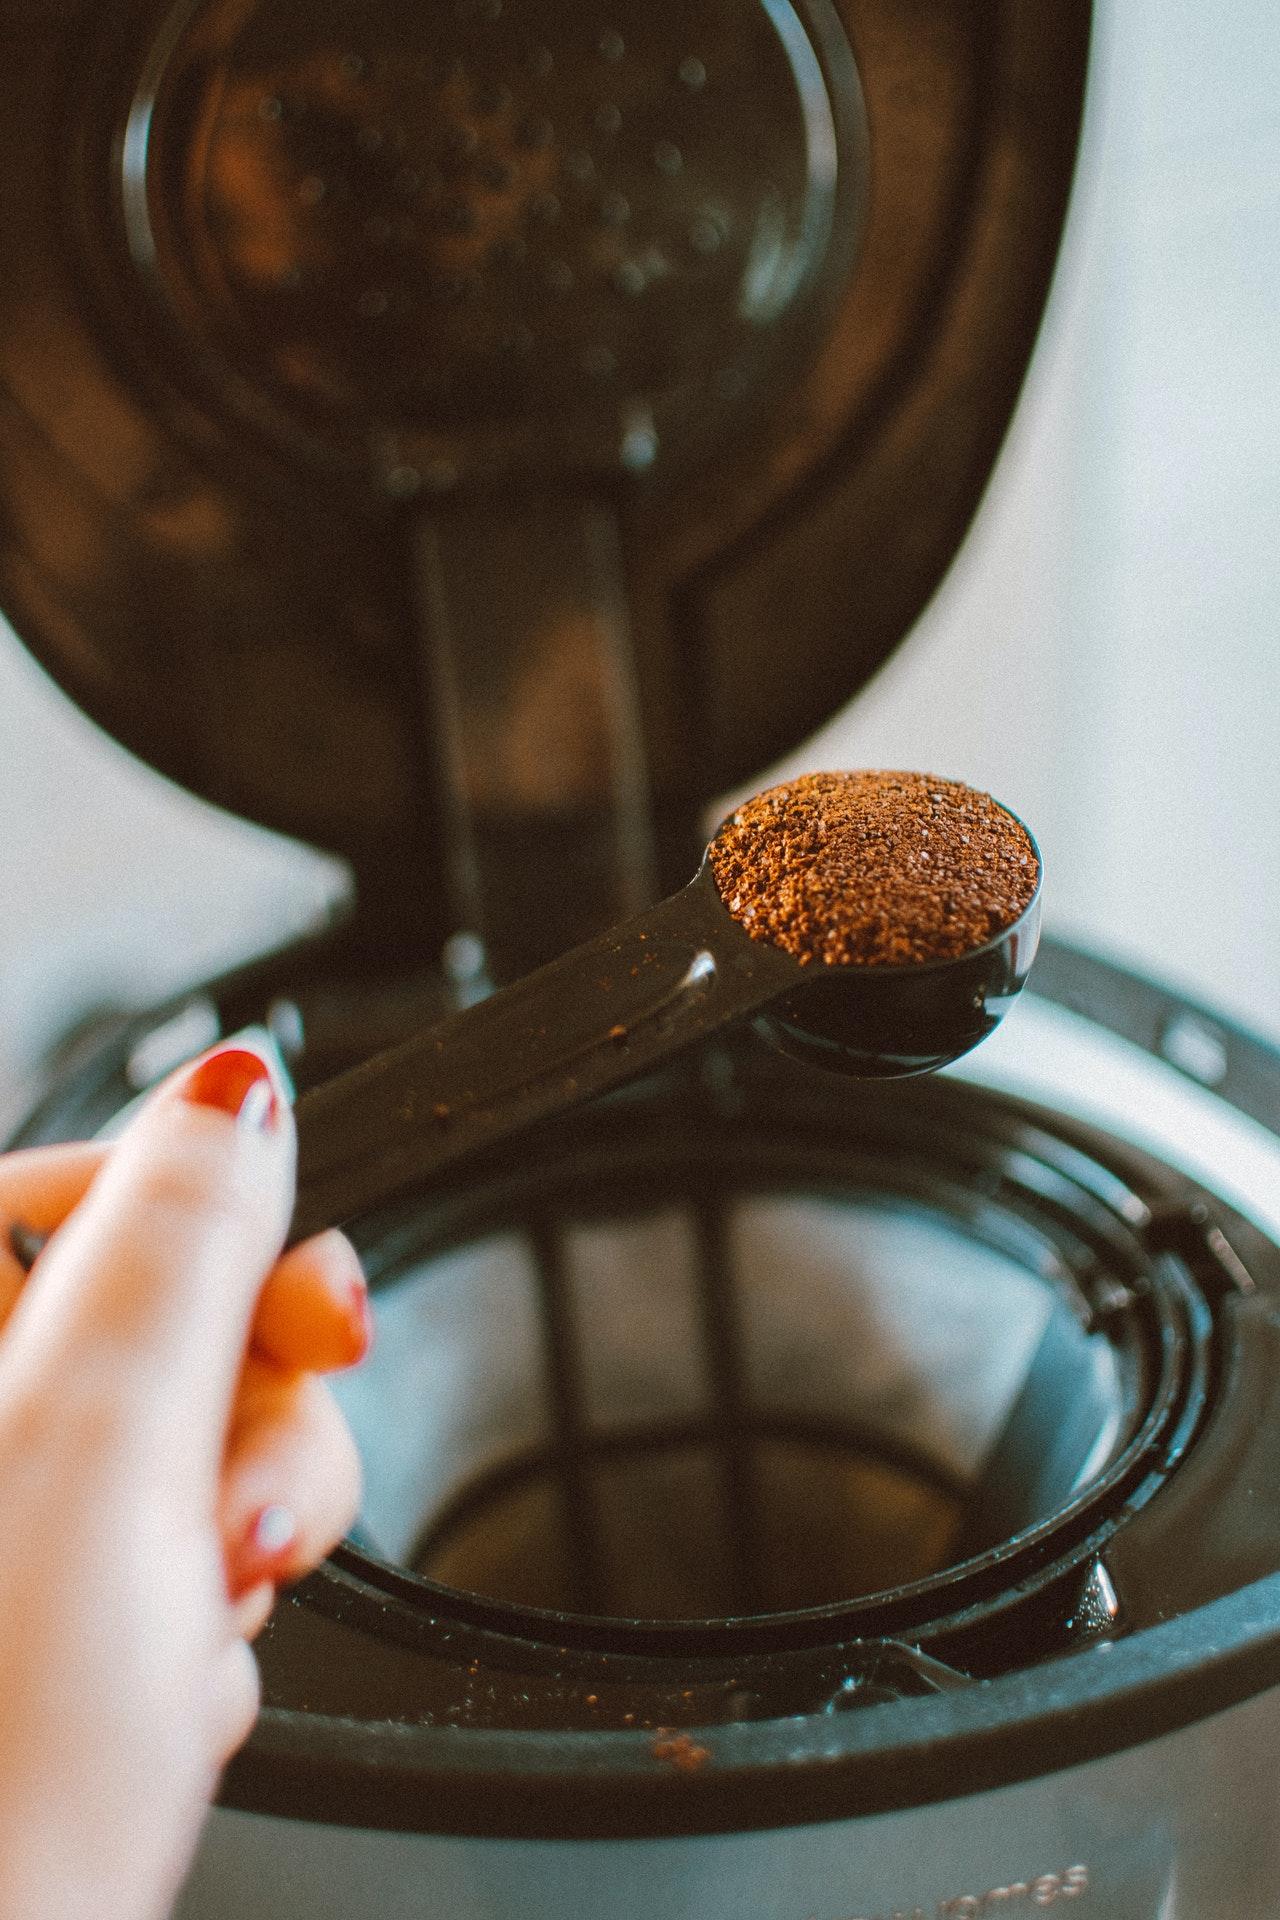 Wie die meisten anderen Kaffeemaschinen, werden auch AEG Kaffeemaschinen von oben befüllt.